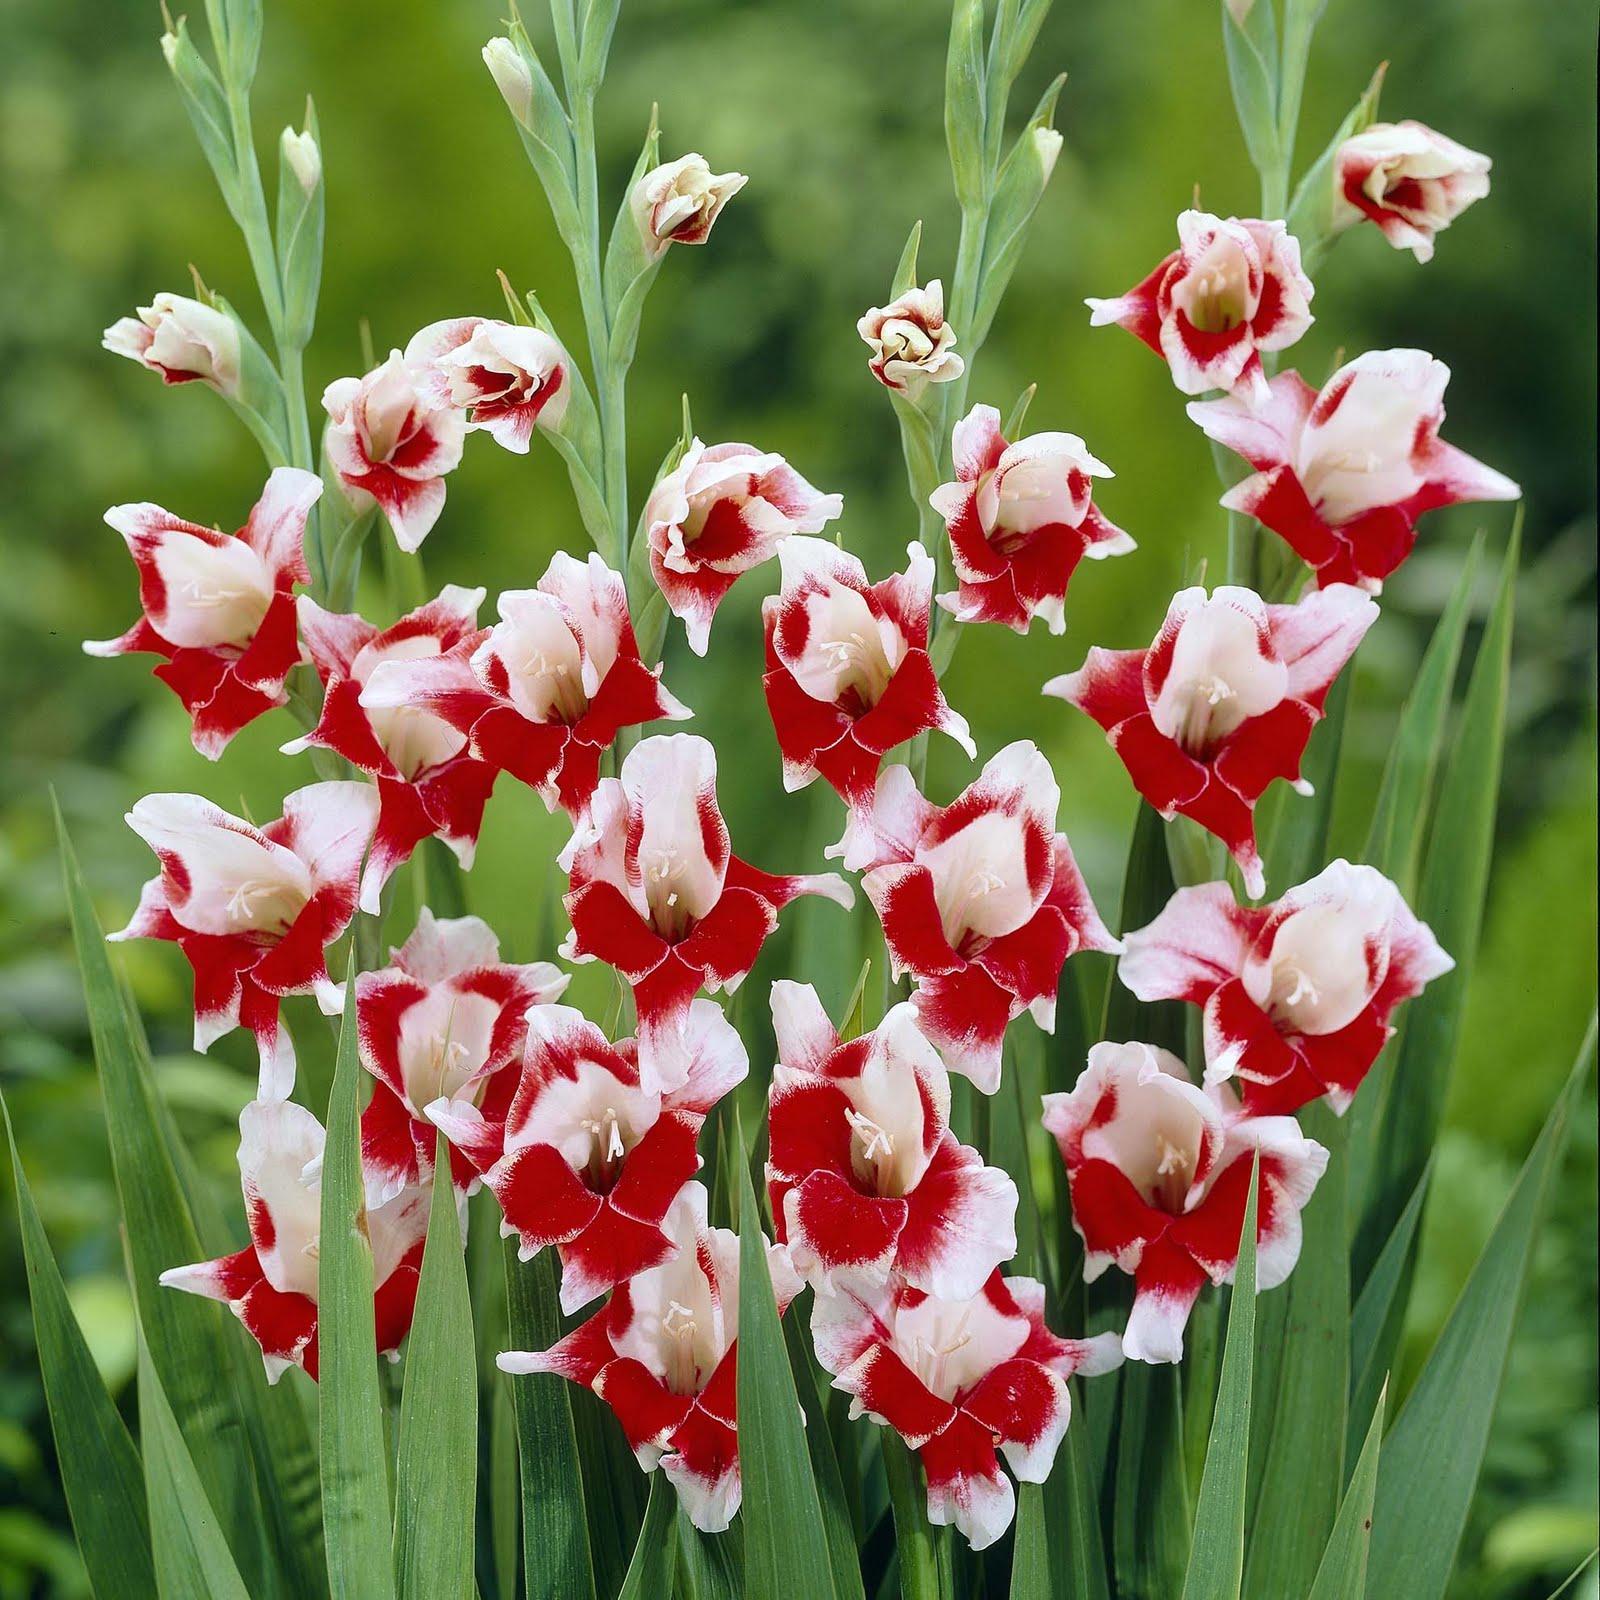 Болезни цветков гладиолуса фото